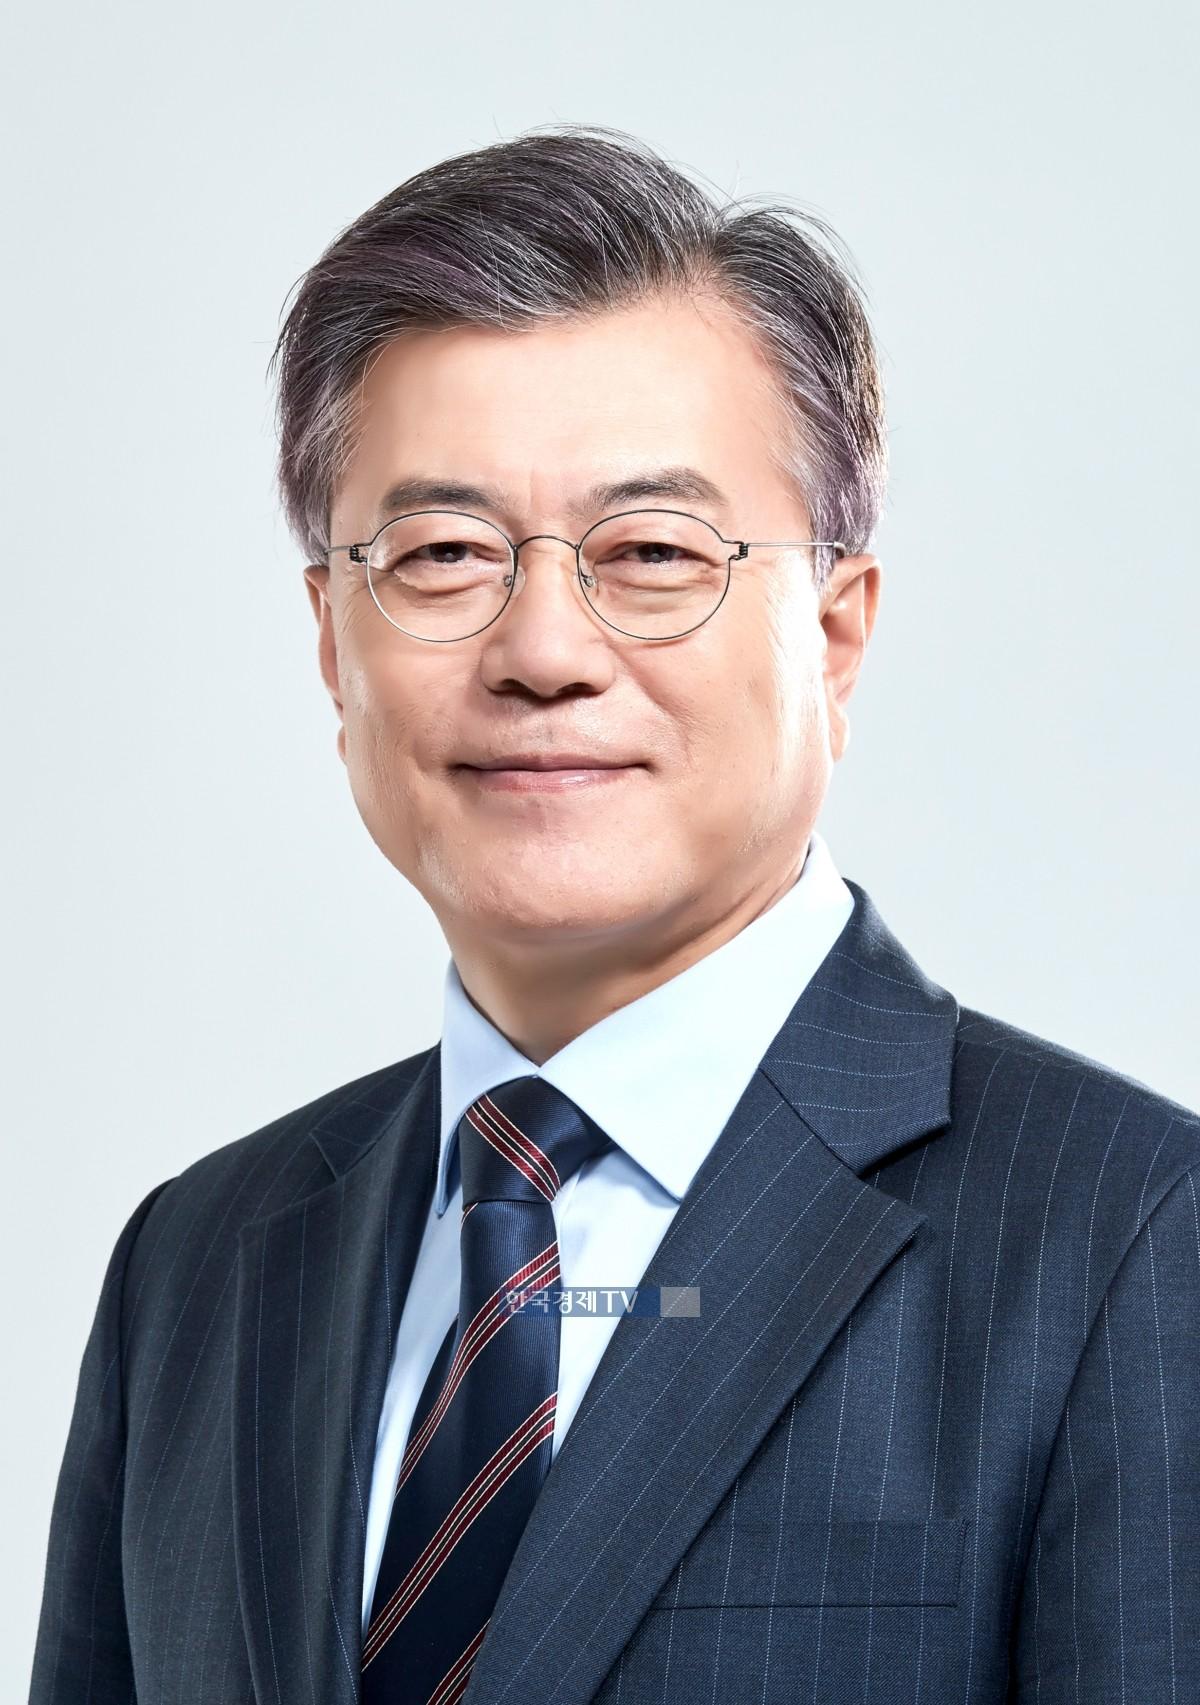 """문재인 대통령 """"경제정책과 국민체감 간극""""‥'저소득층' 정책 강화 지시"""